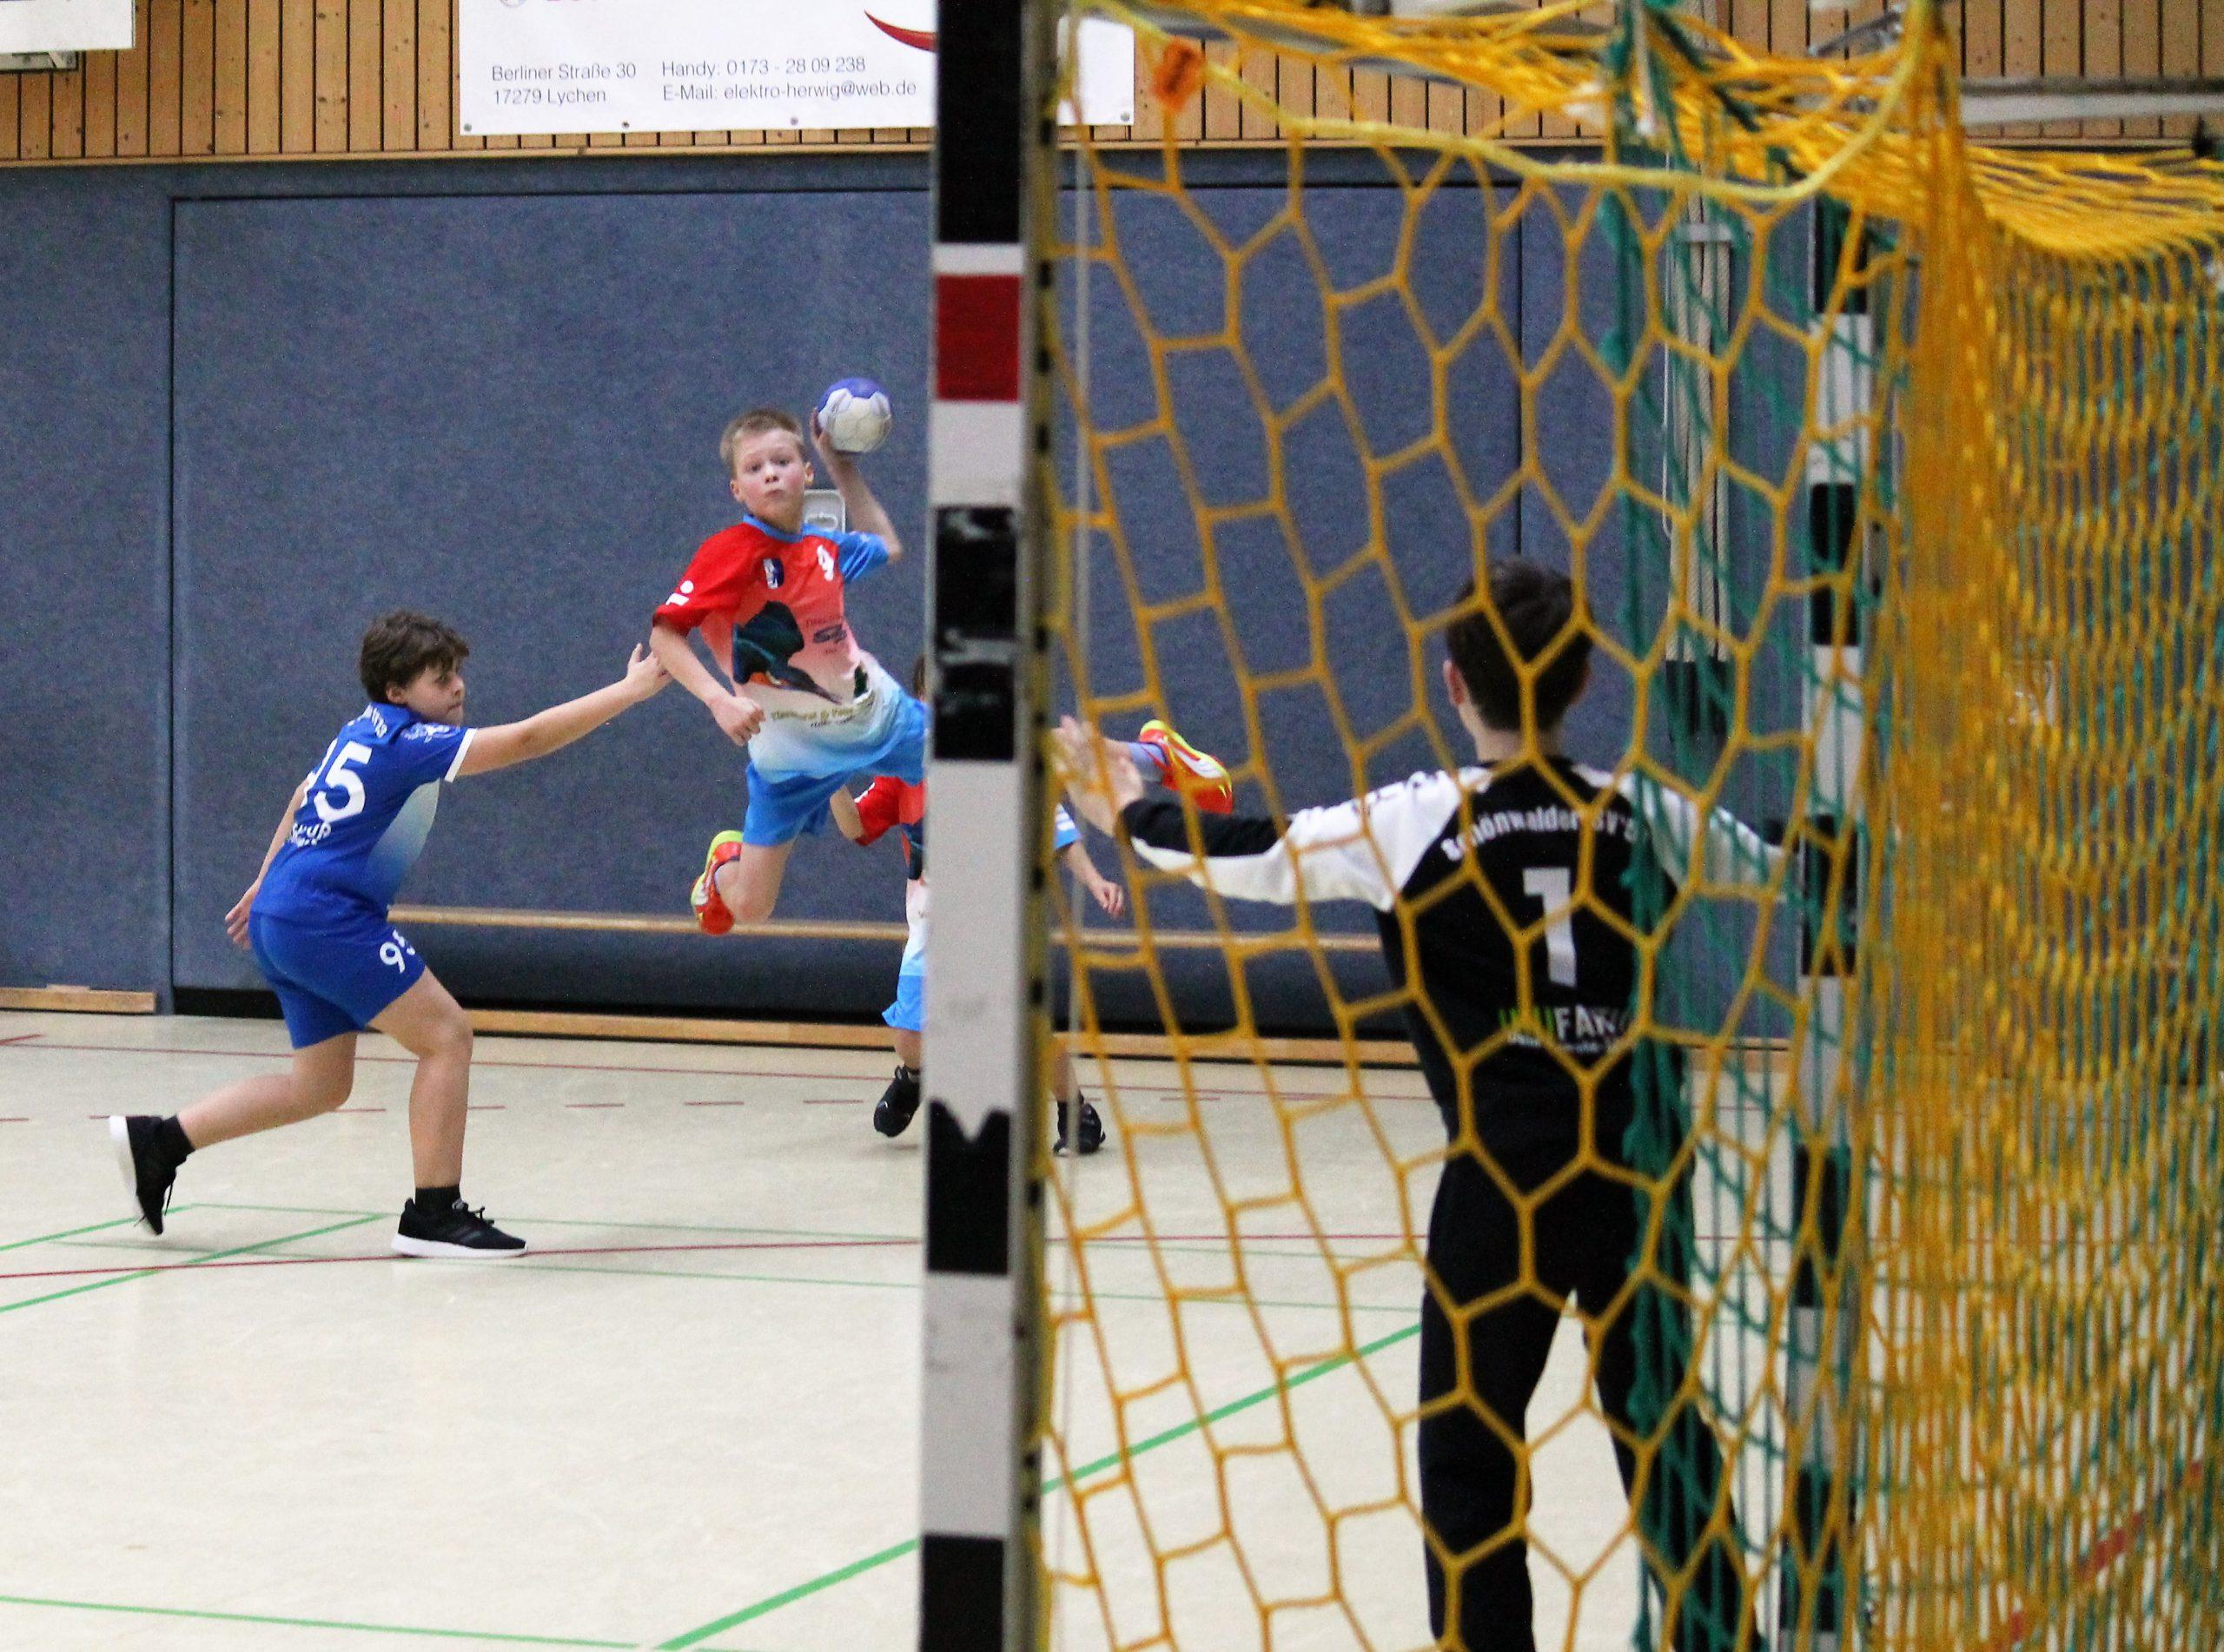 Berolina-Nachwuchs dominiert Spitzenspiele